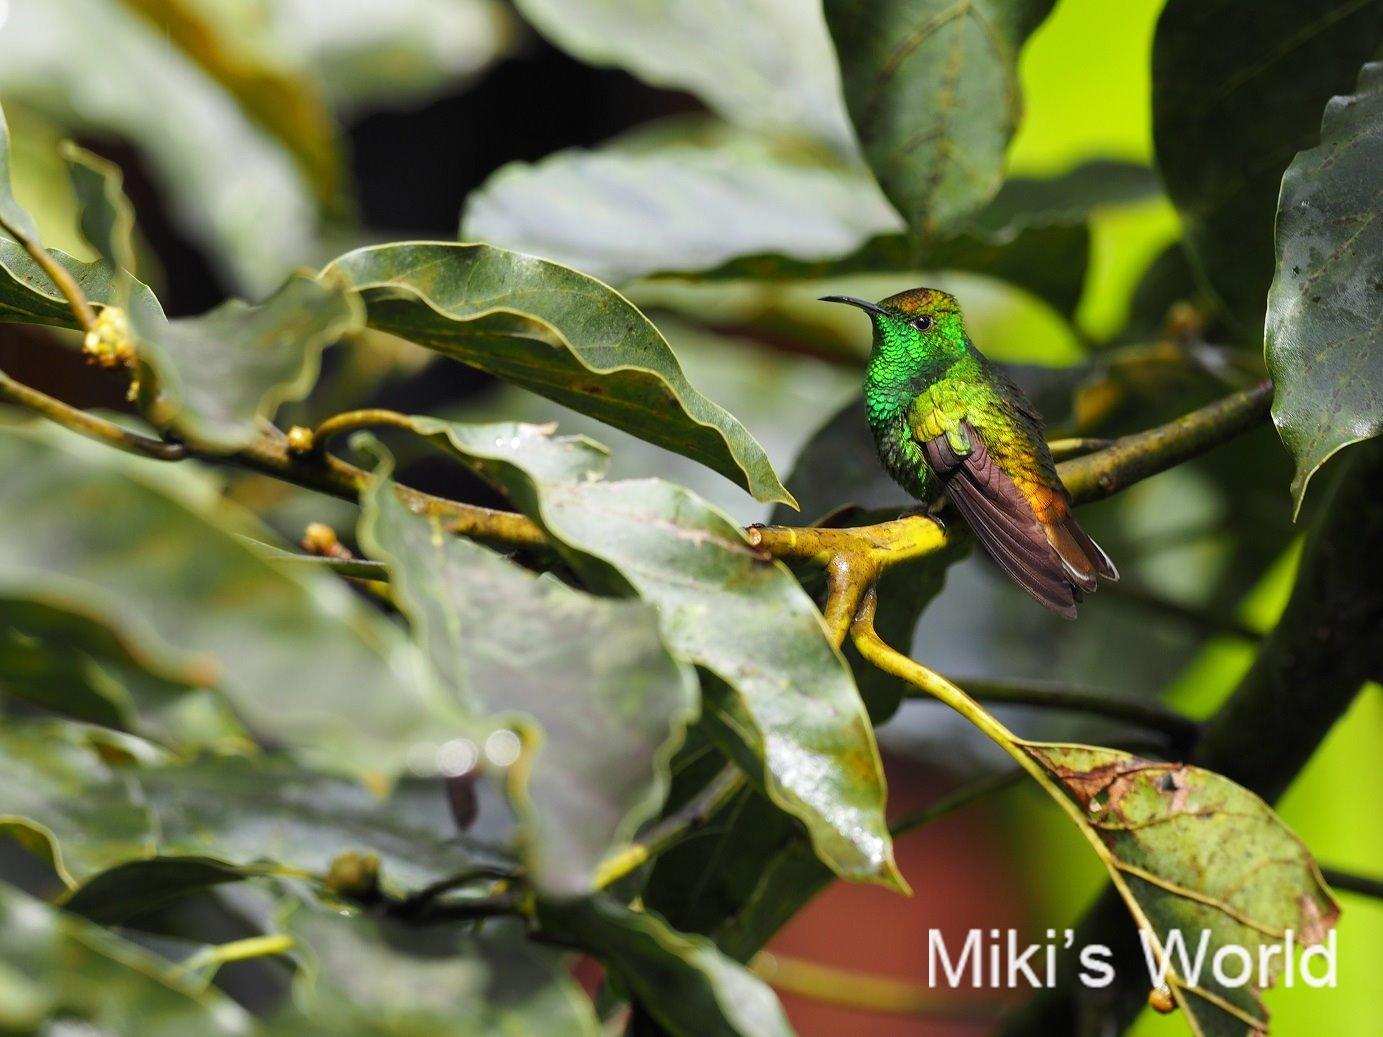 コスタリカで撮影 ドウボウシハチドリ